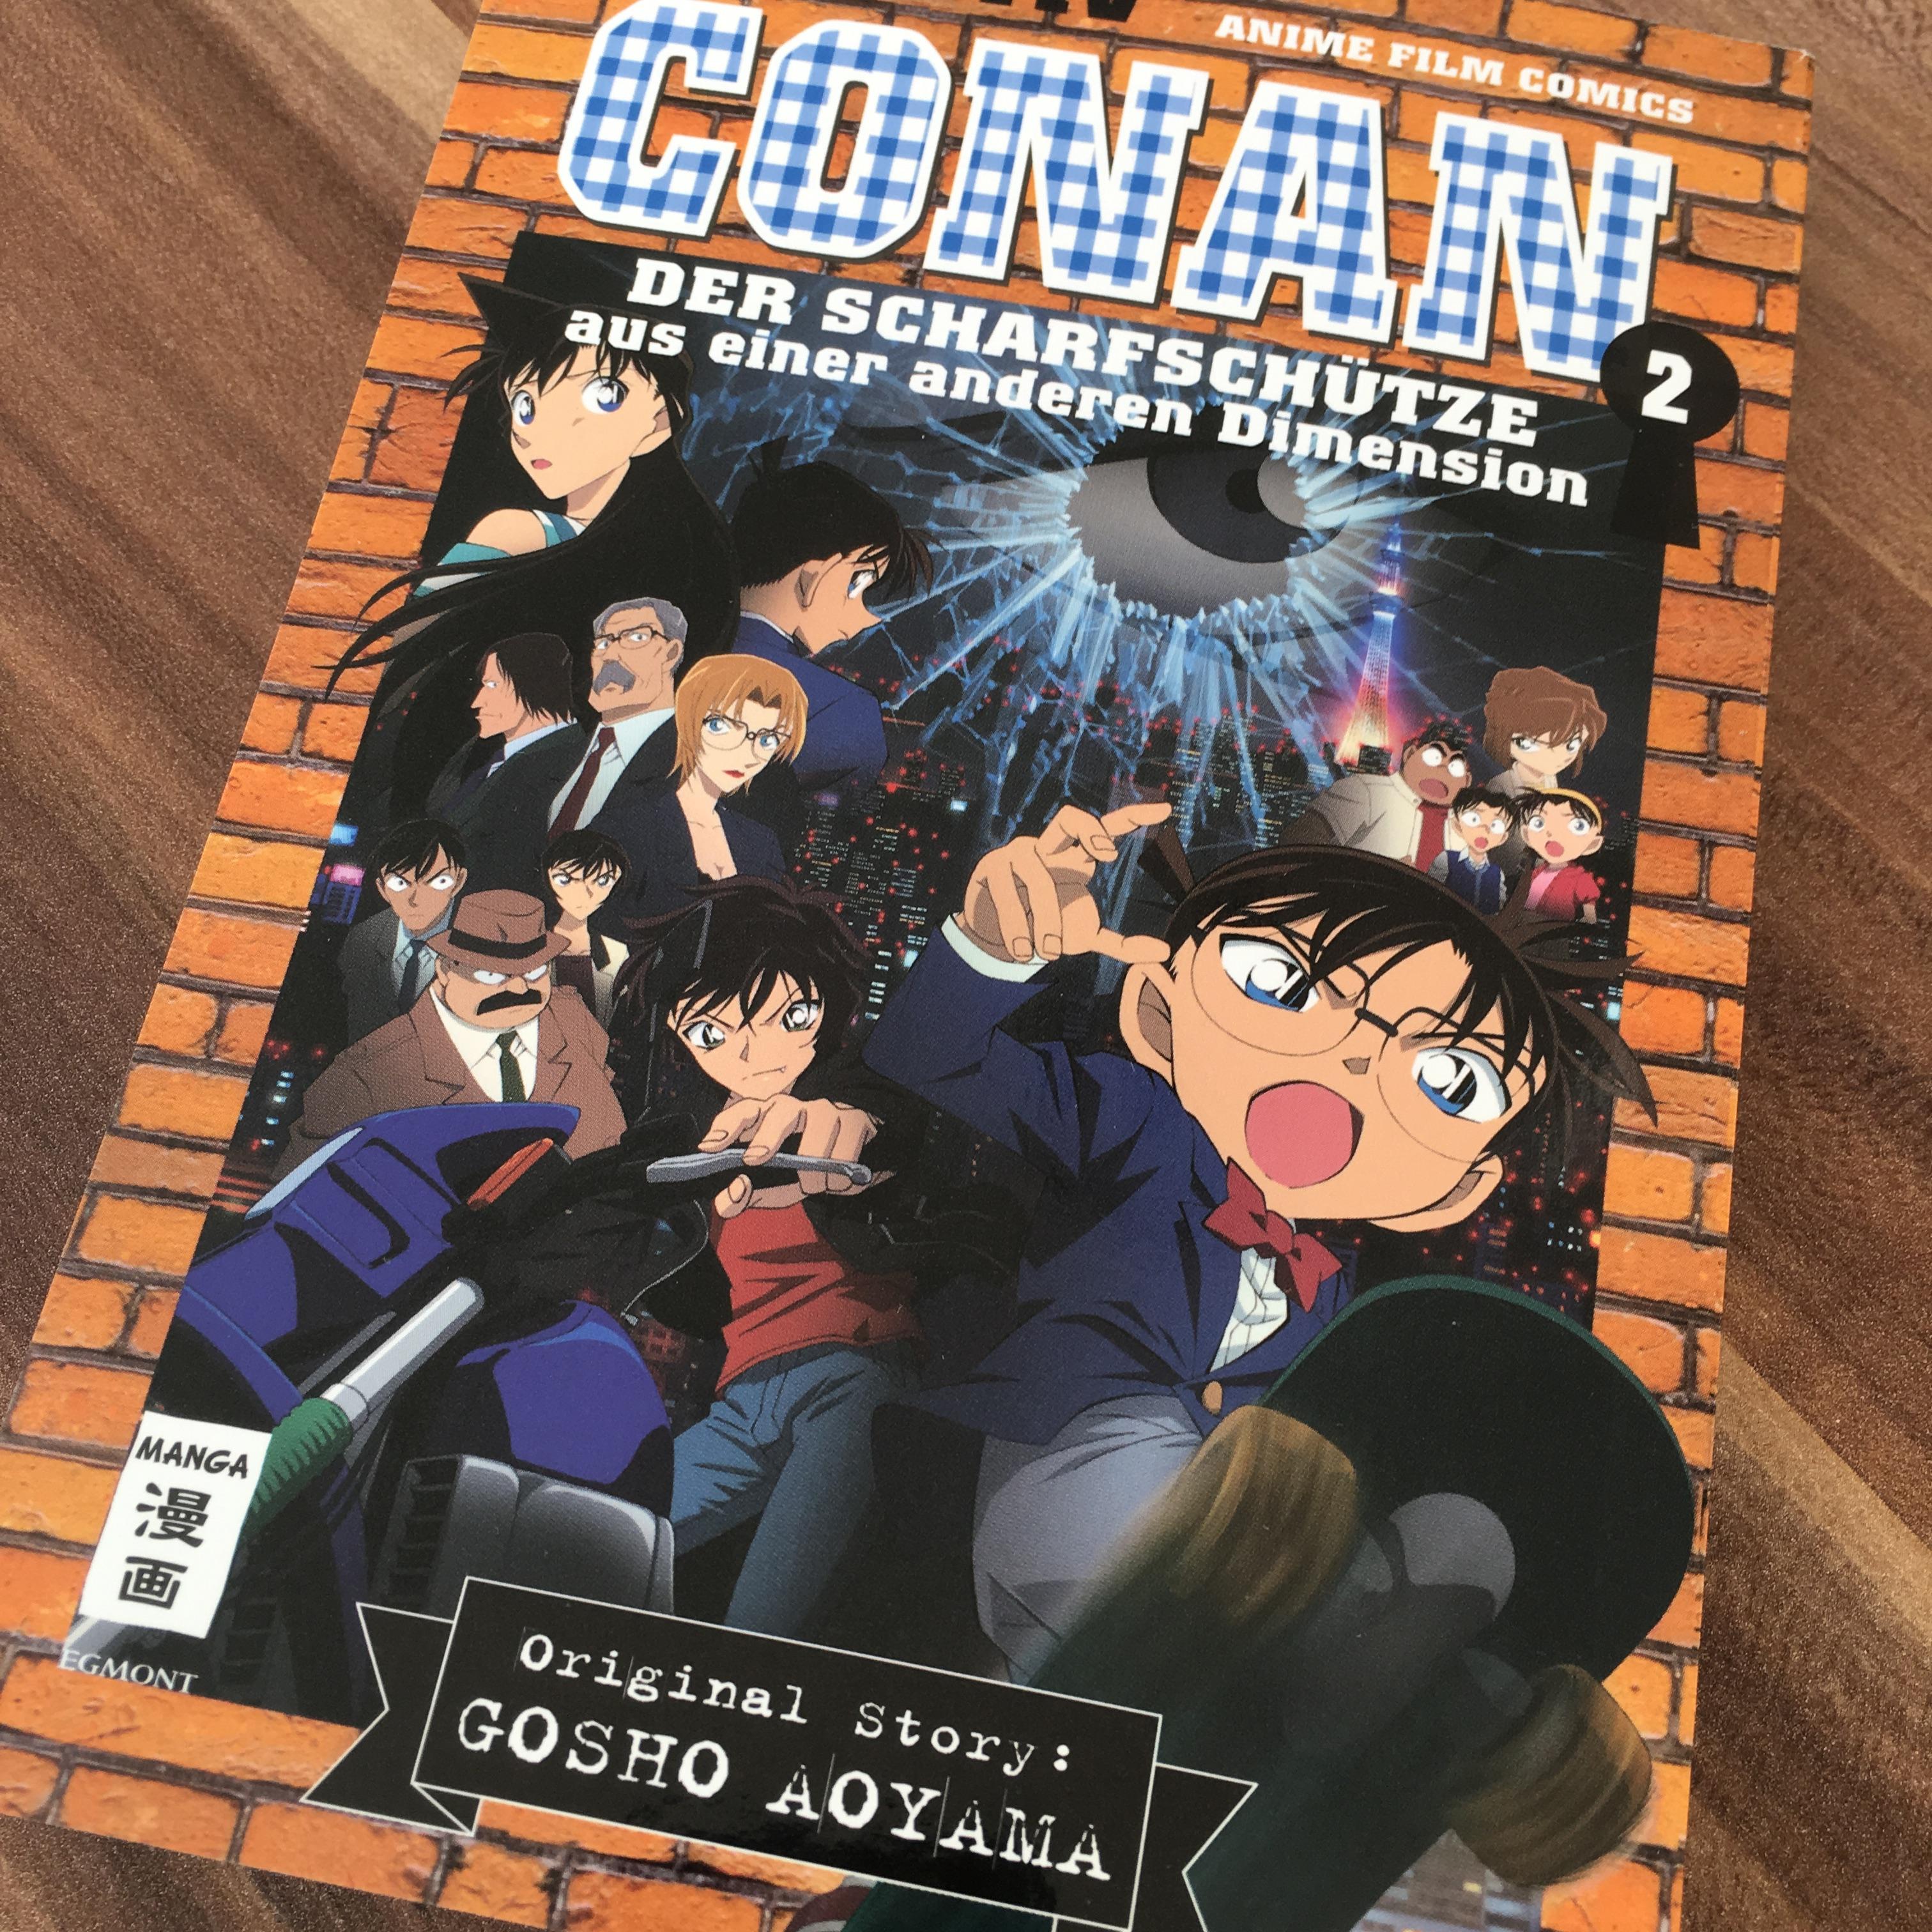 Detektiv Conan Der Scharfschütze aus einer anderen Dimension 2 Anime Film Comics